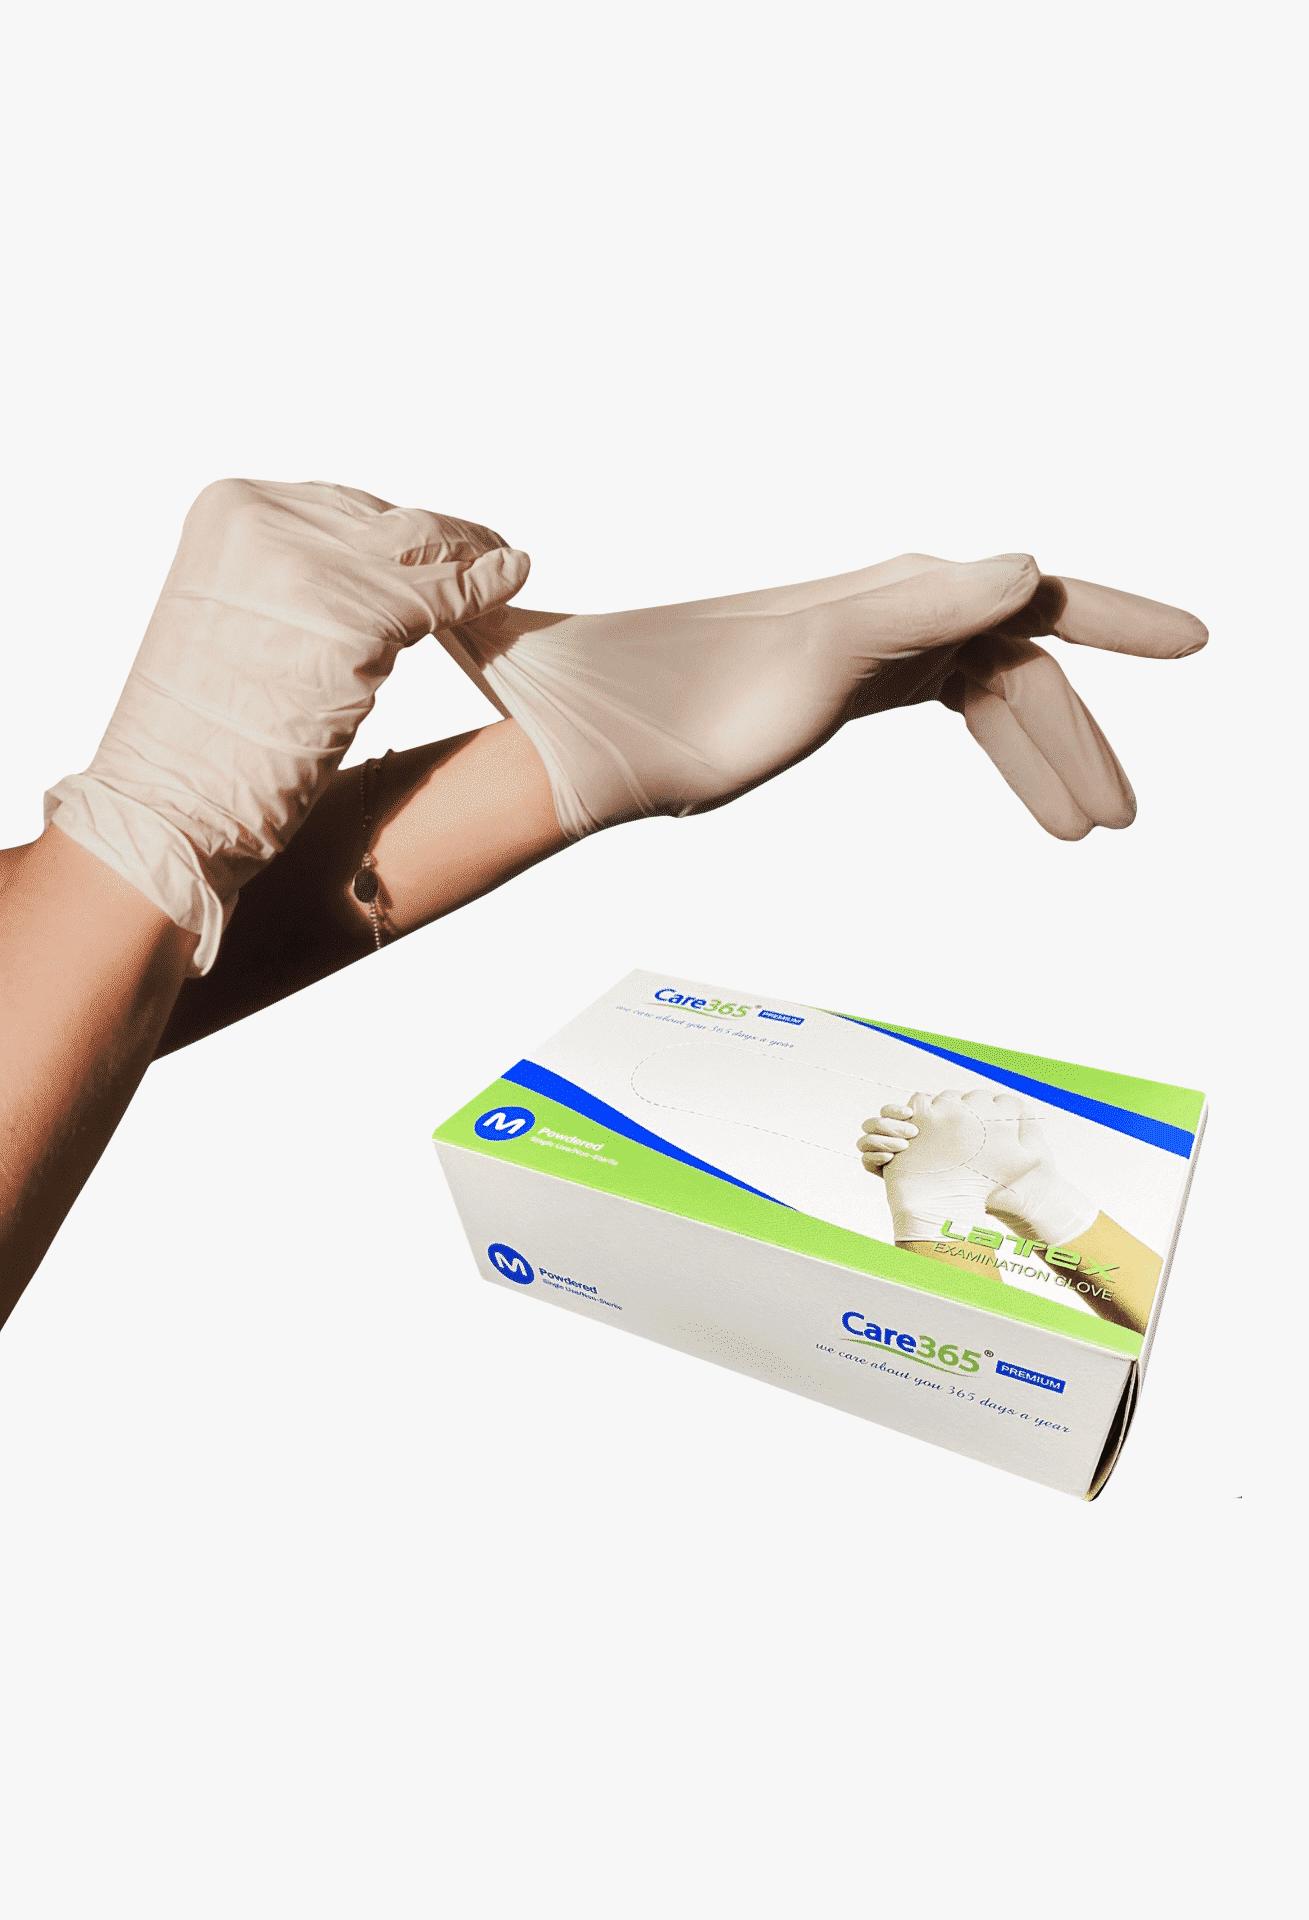 Рукавички латексні опудрені Care 365, S (100шт.)